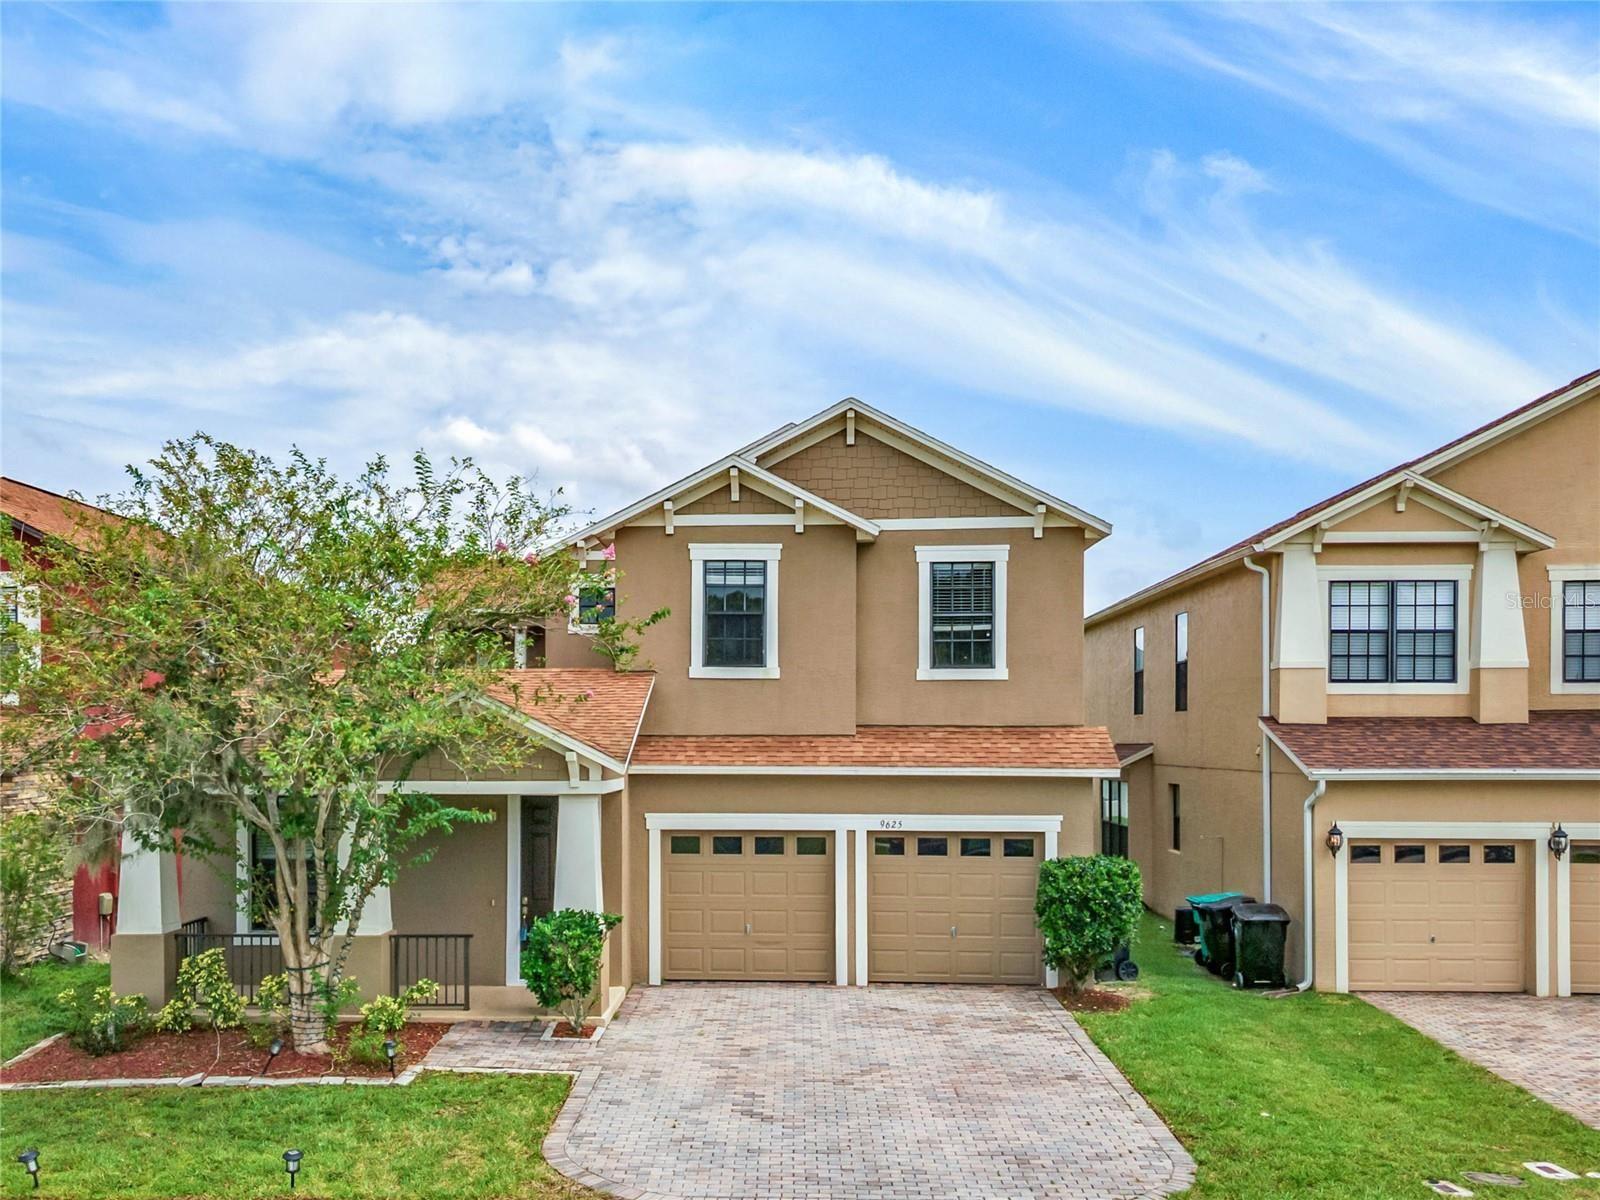 9625 MOSS ROSE WAY, Orlando, FL 32832 - #: O5950595